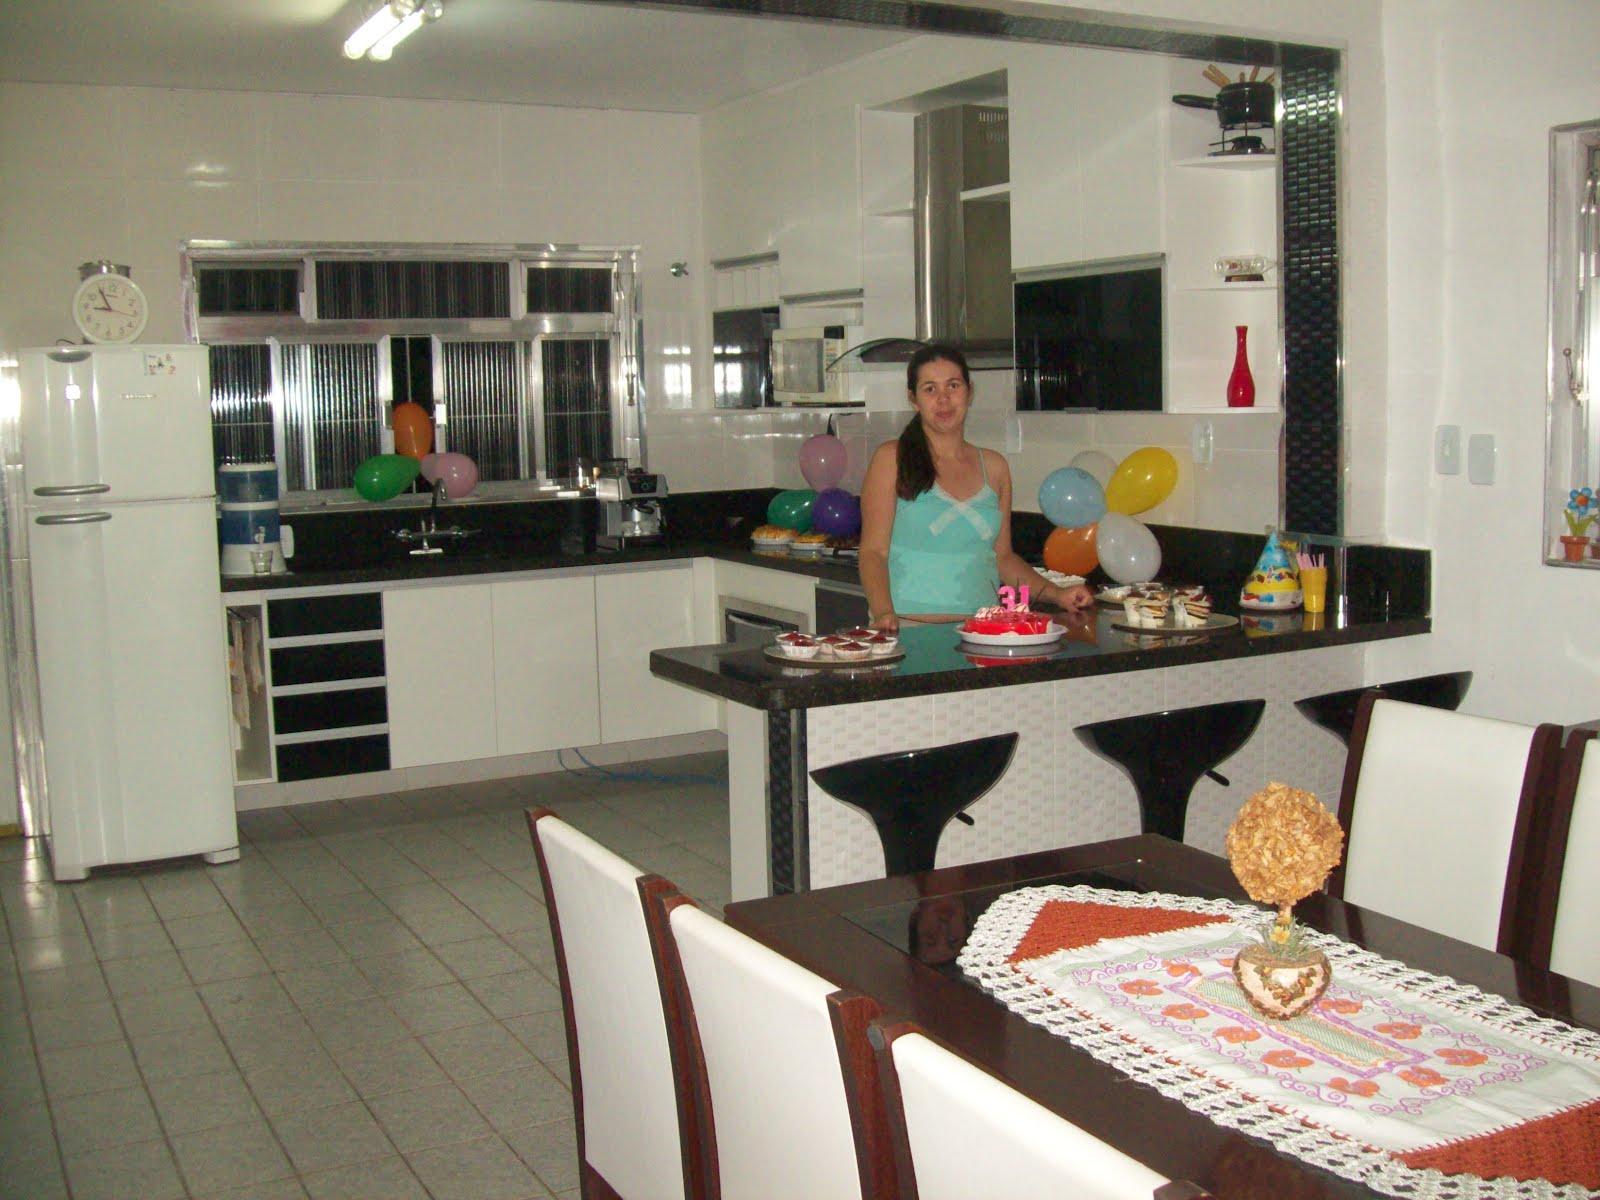 #996632 Era uma vez uma casinha : Cozinha (Reformada) 1600x1200 px A Cozinha Mais Recente Projeta Fotos_836 Imagens